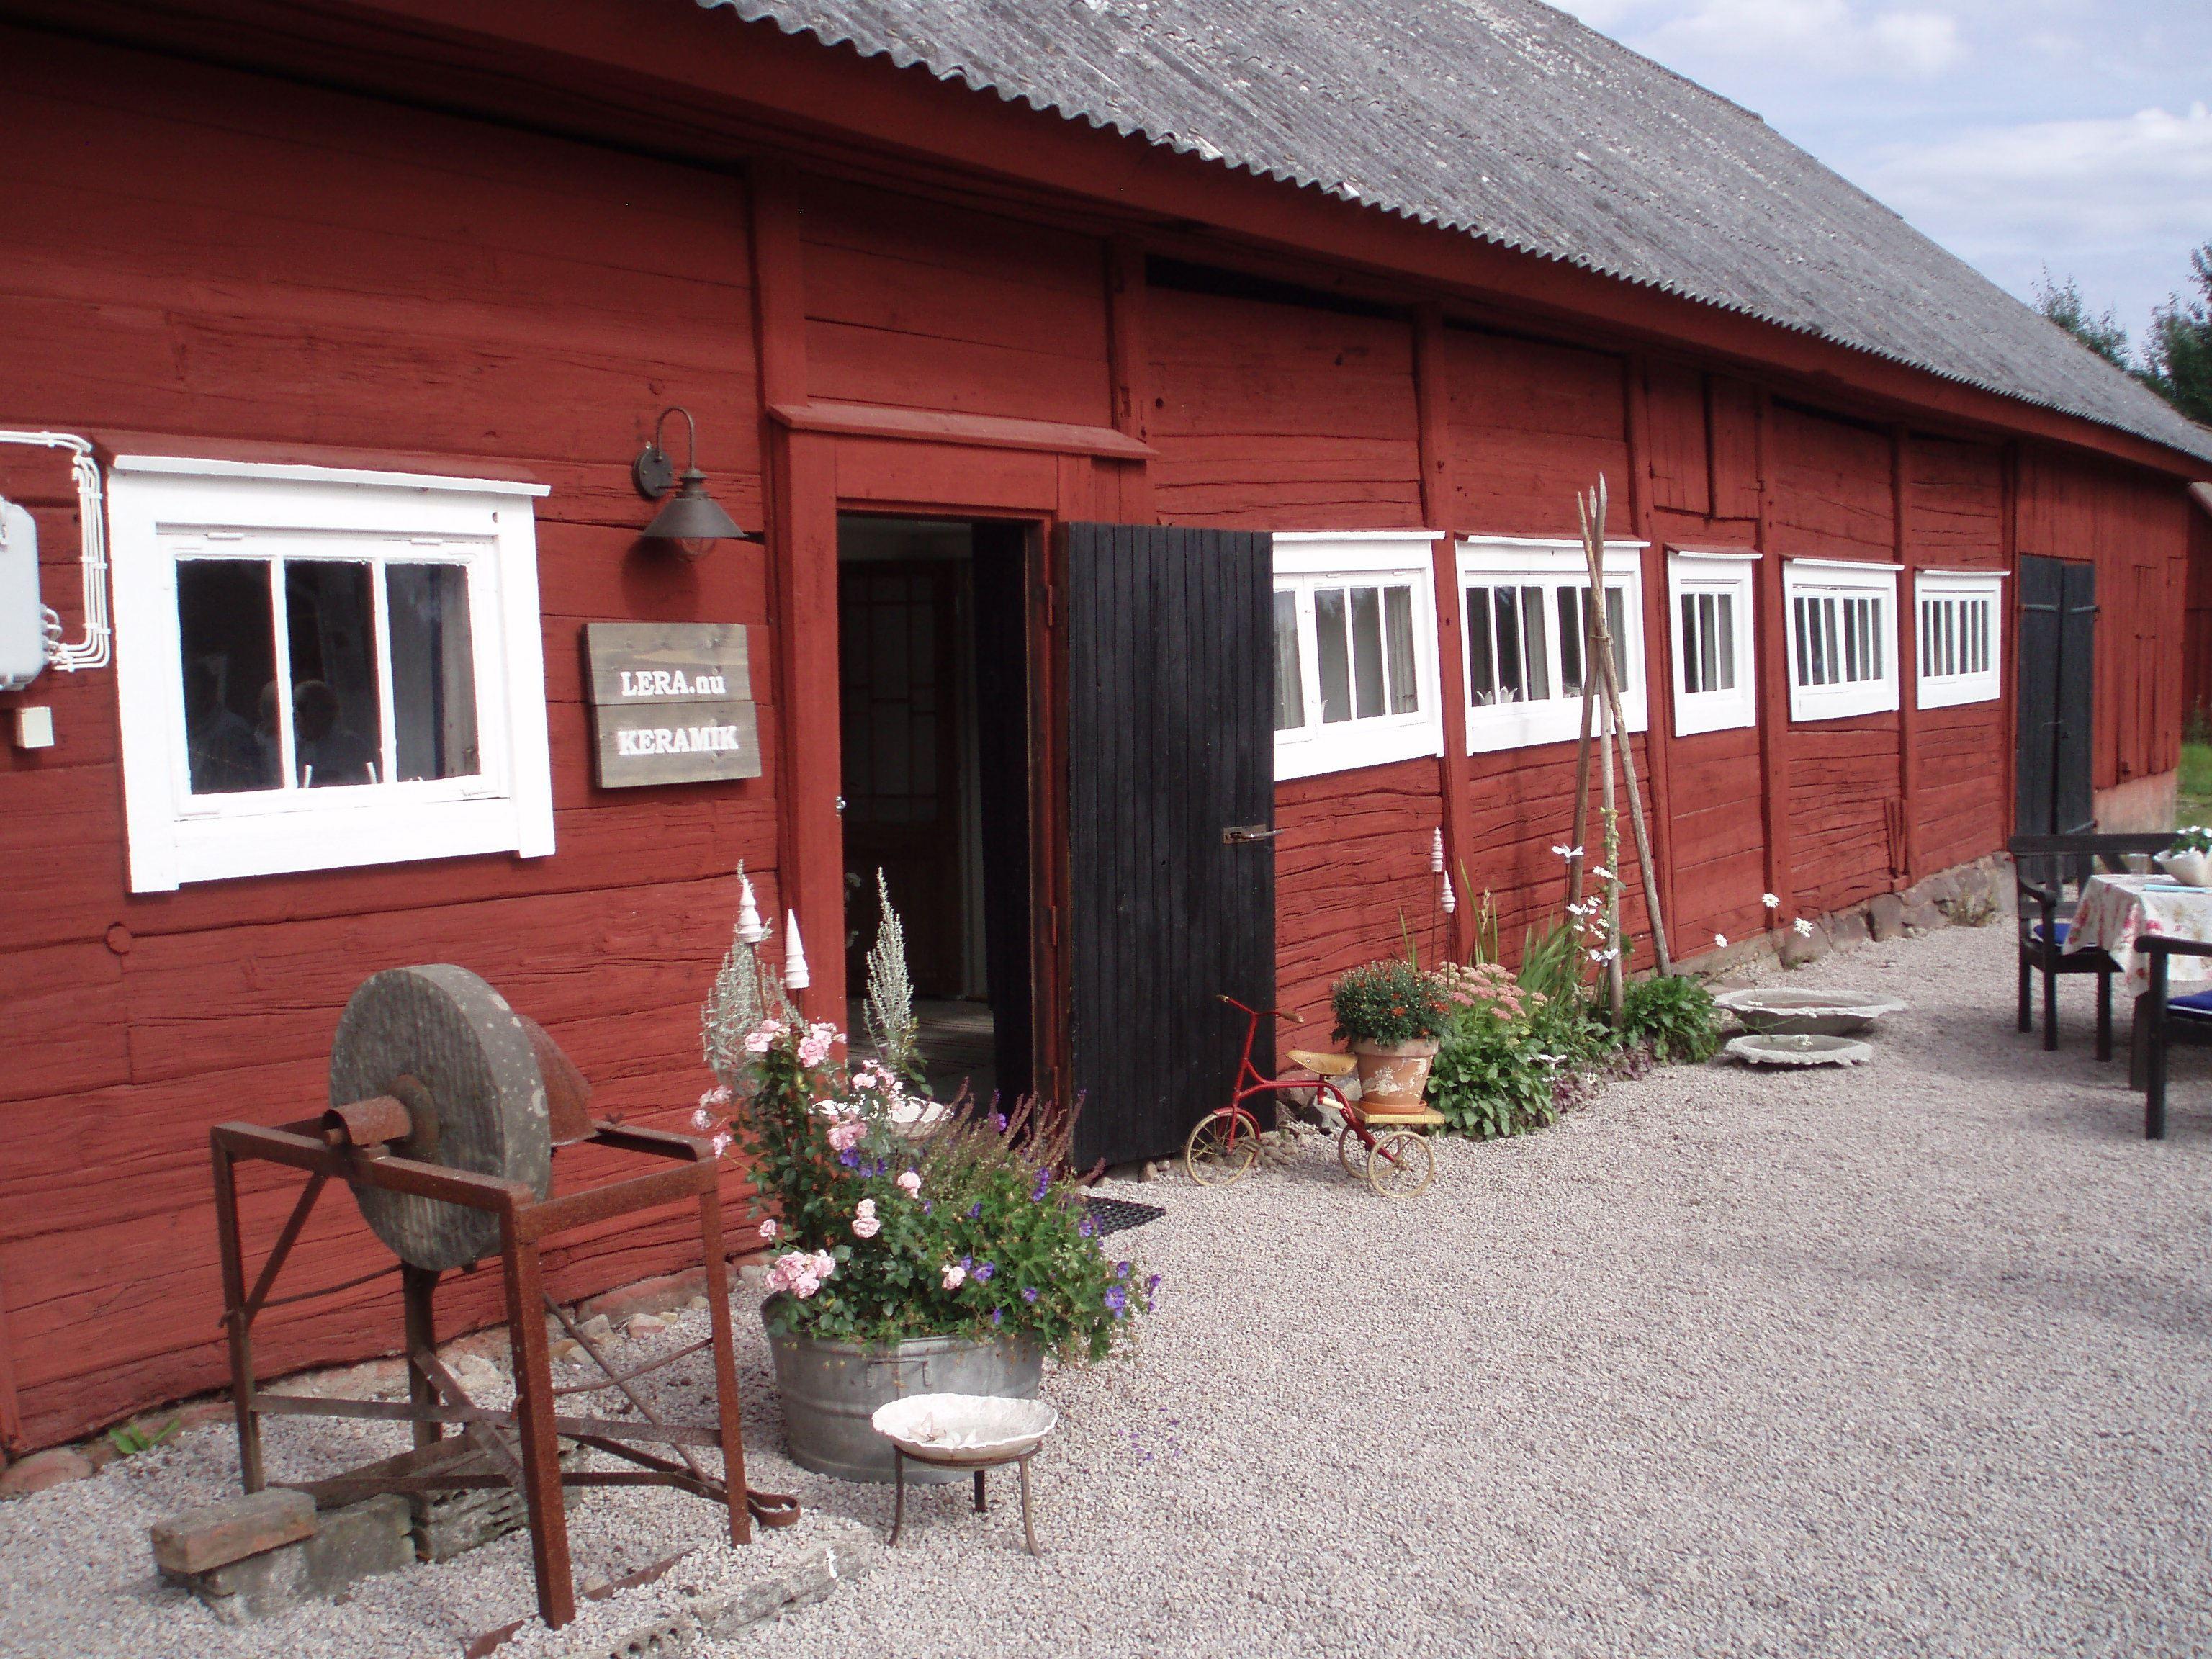 Karin Nilsson,  © Tingsryds Kommun, Keramikverkstad och butik